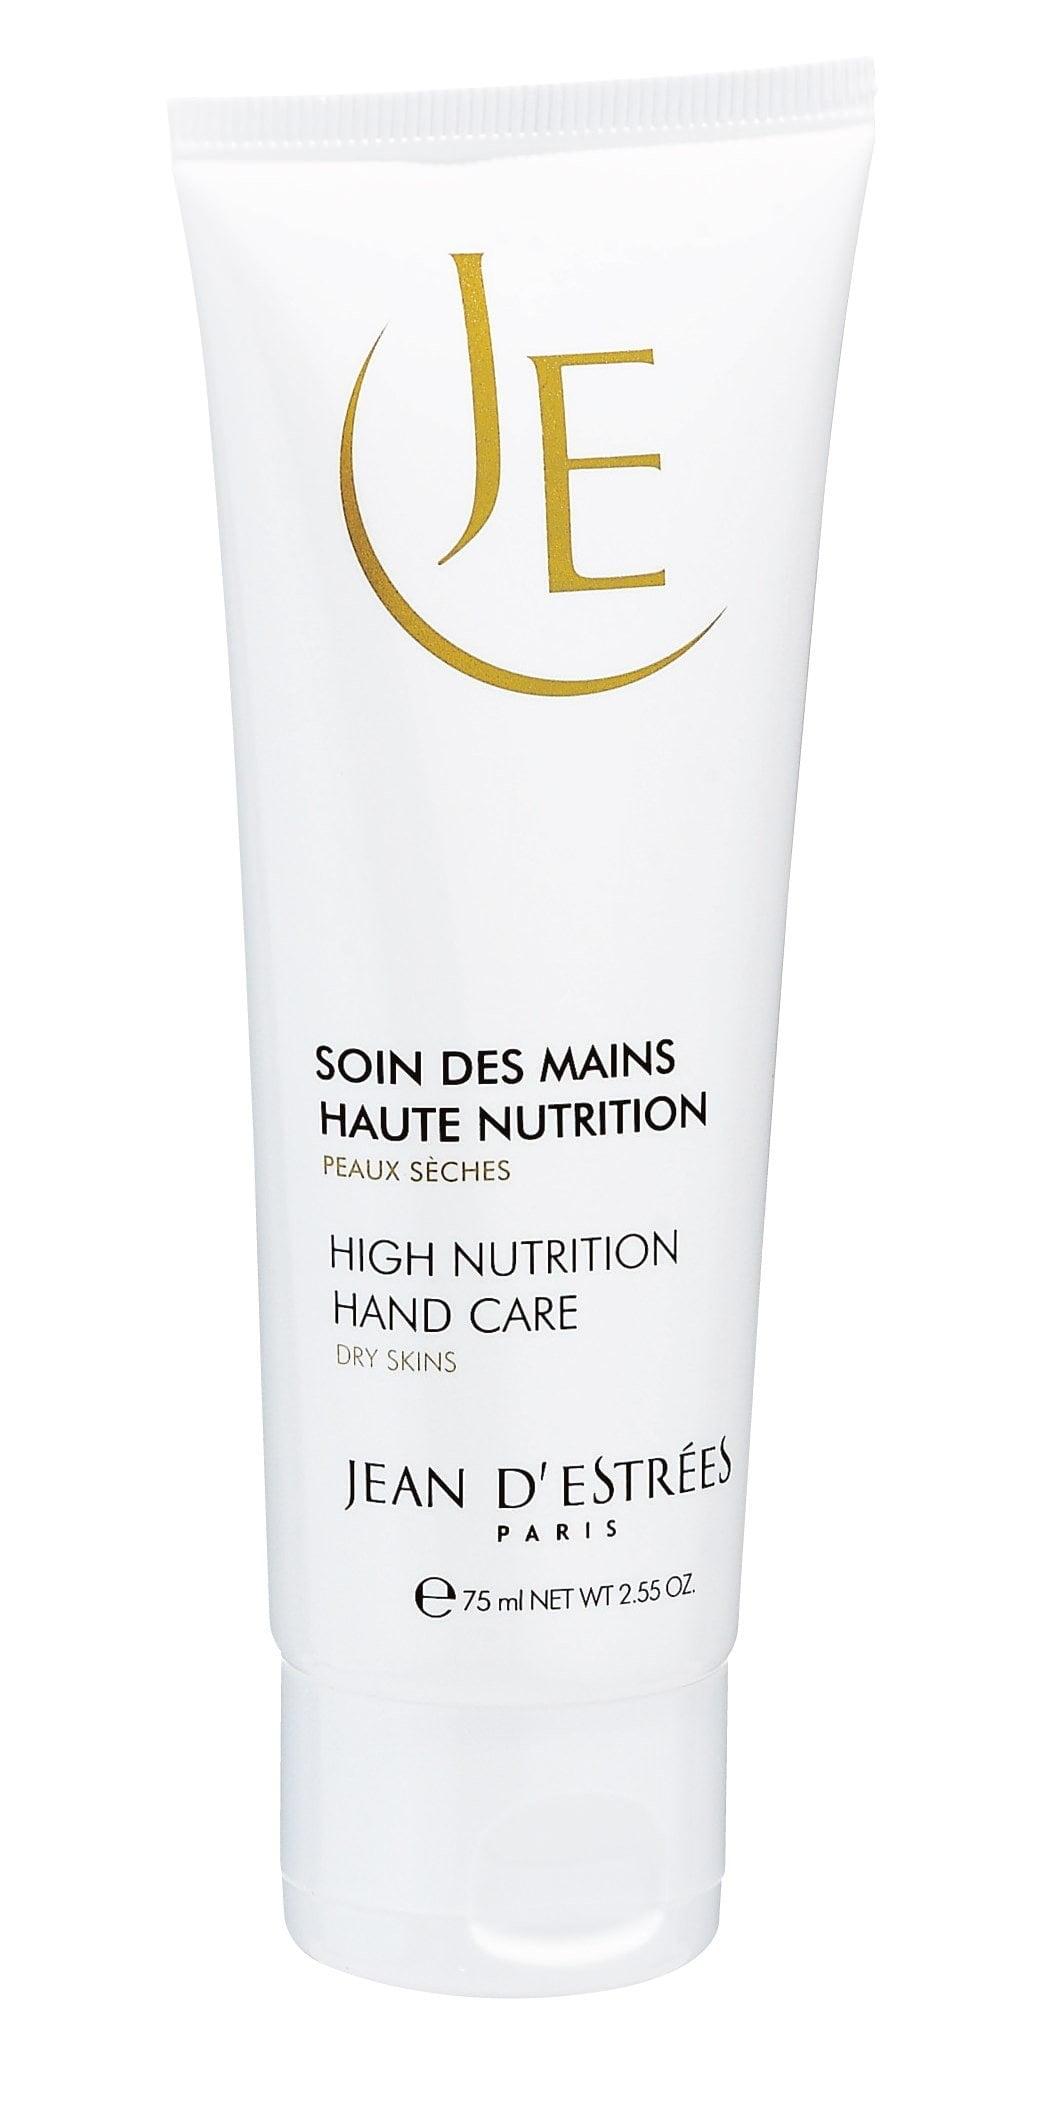 Soin des mains Haute nutrition de Jean d'Estrées Paris